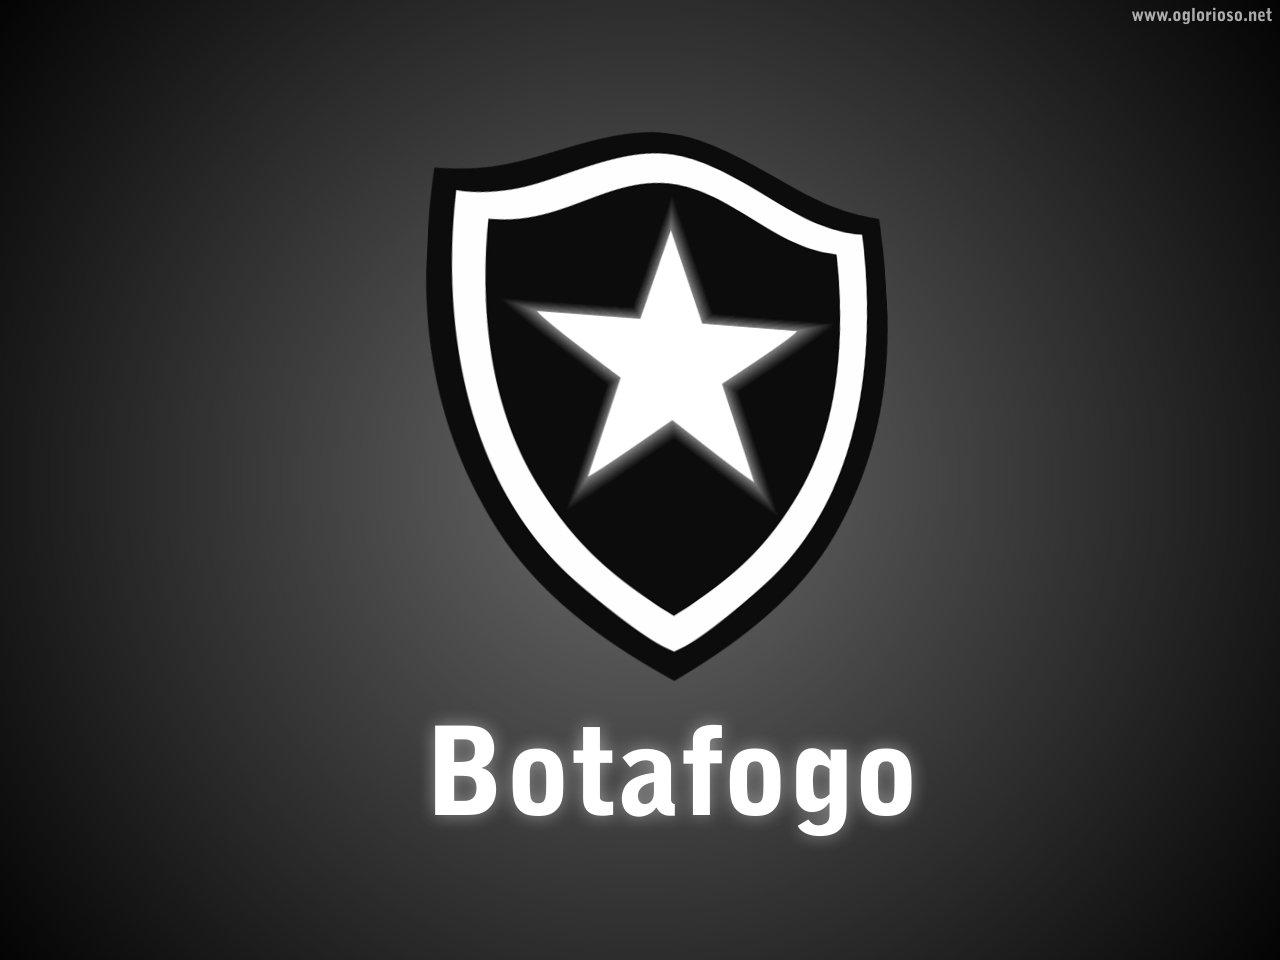 Foto Do Escudo Do Botafogo